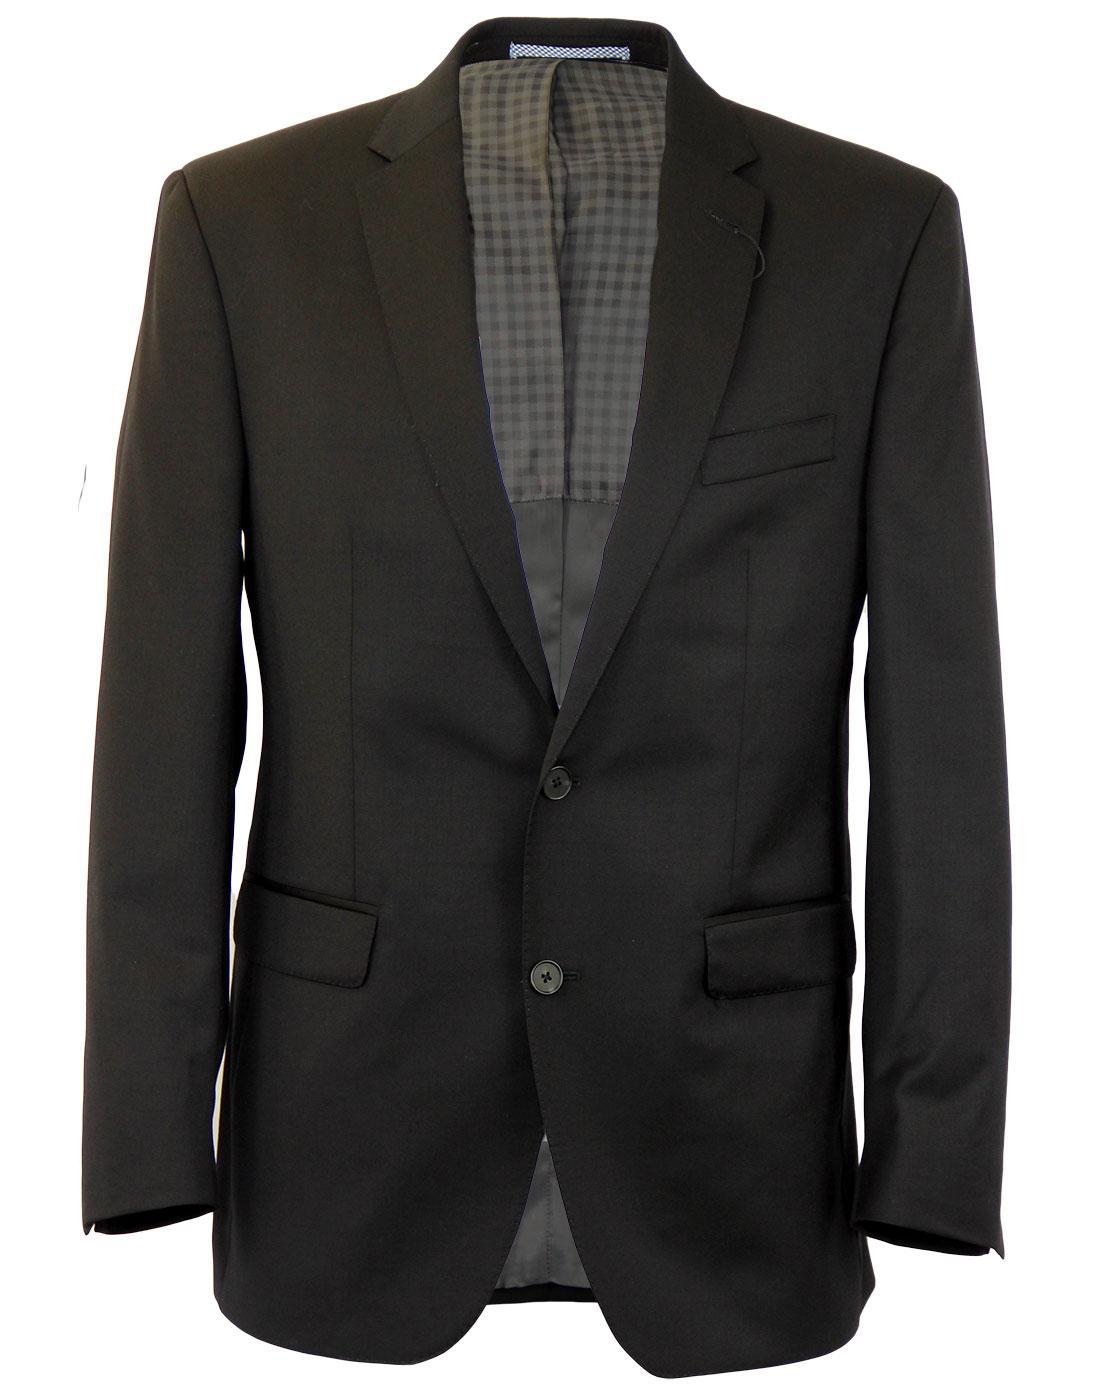 cb4a6262741e11 BEN SHERMAN Tailoring 60s Mod 2 Button Notch Lapel Suit Jacket